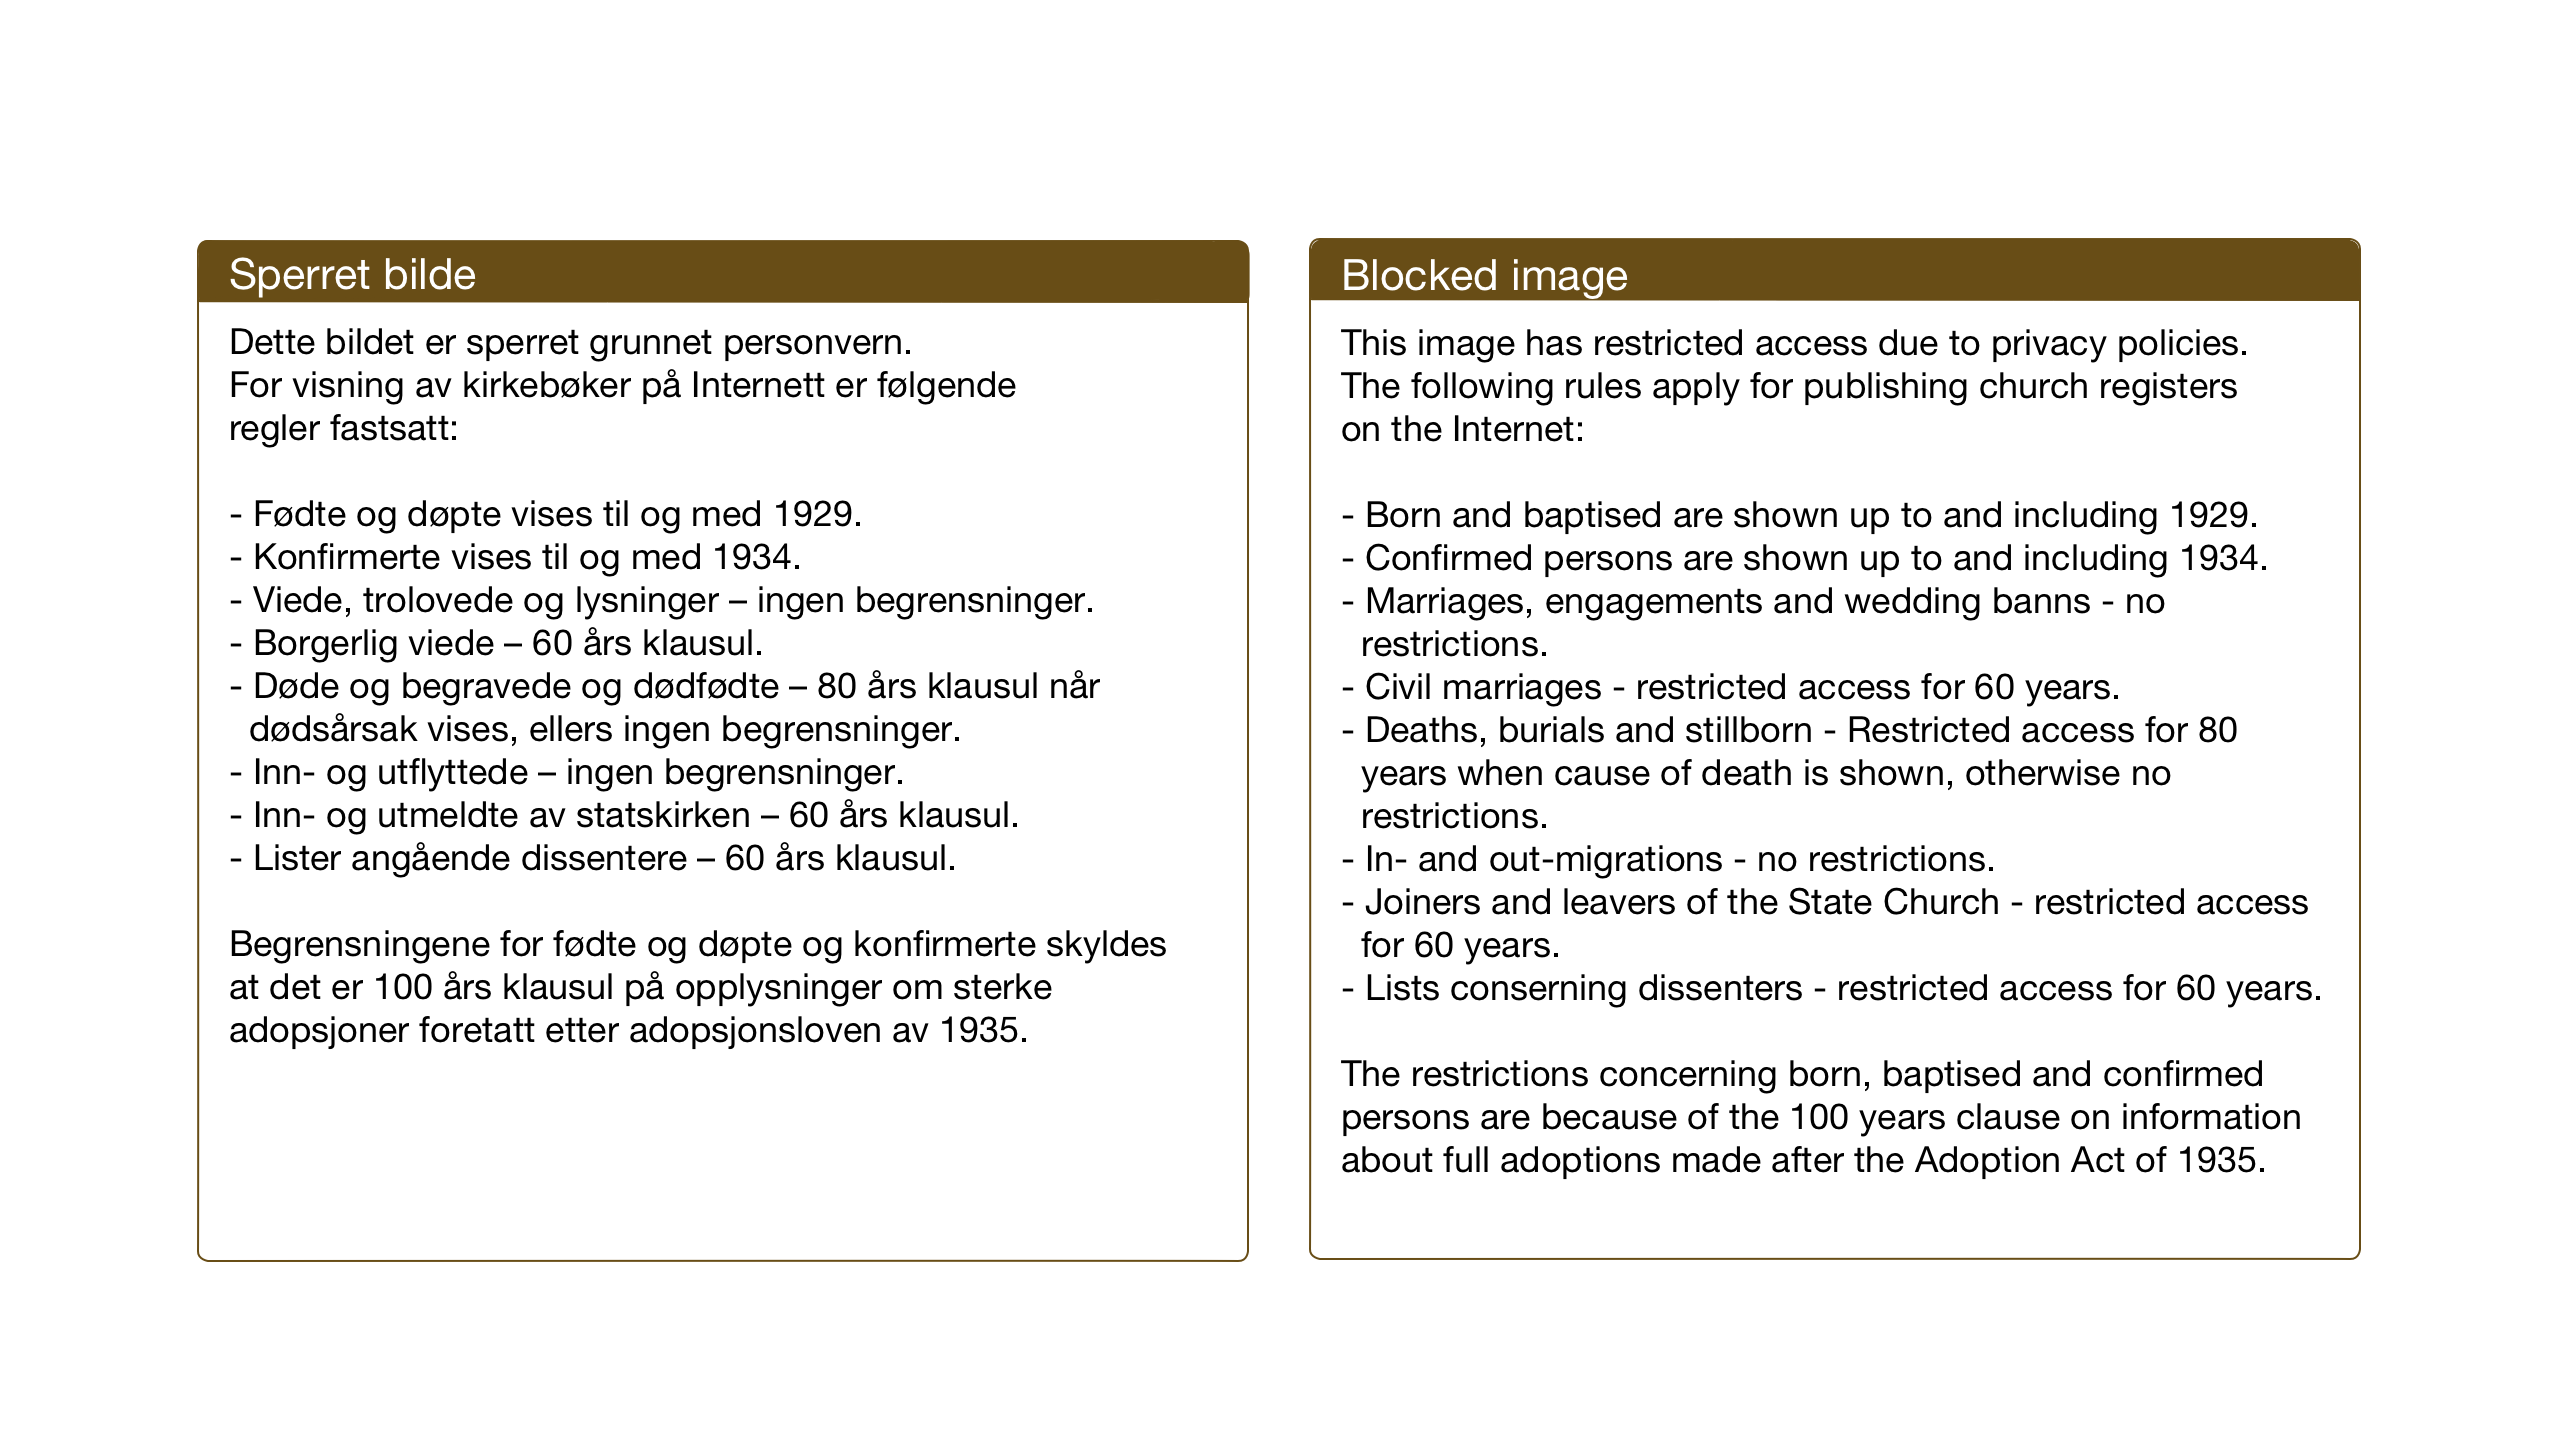 SAT, Ministerialprotokoller, klokkerbøker og fødselsregistre - Nord-Trøndelag, 710/L0097: Klokkerbok nr. 710C02, 1925-1955, s. 63